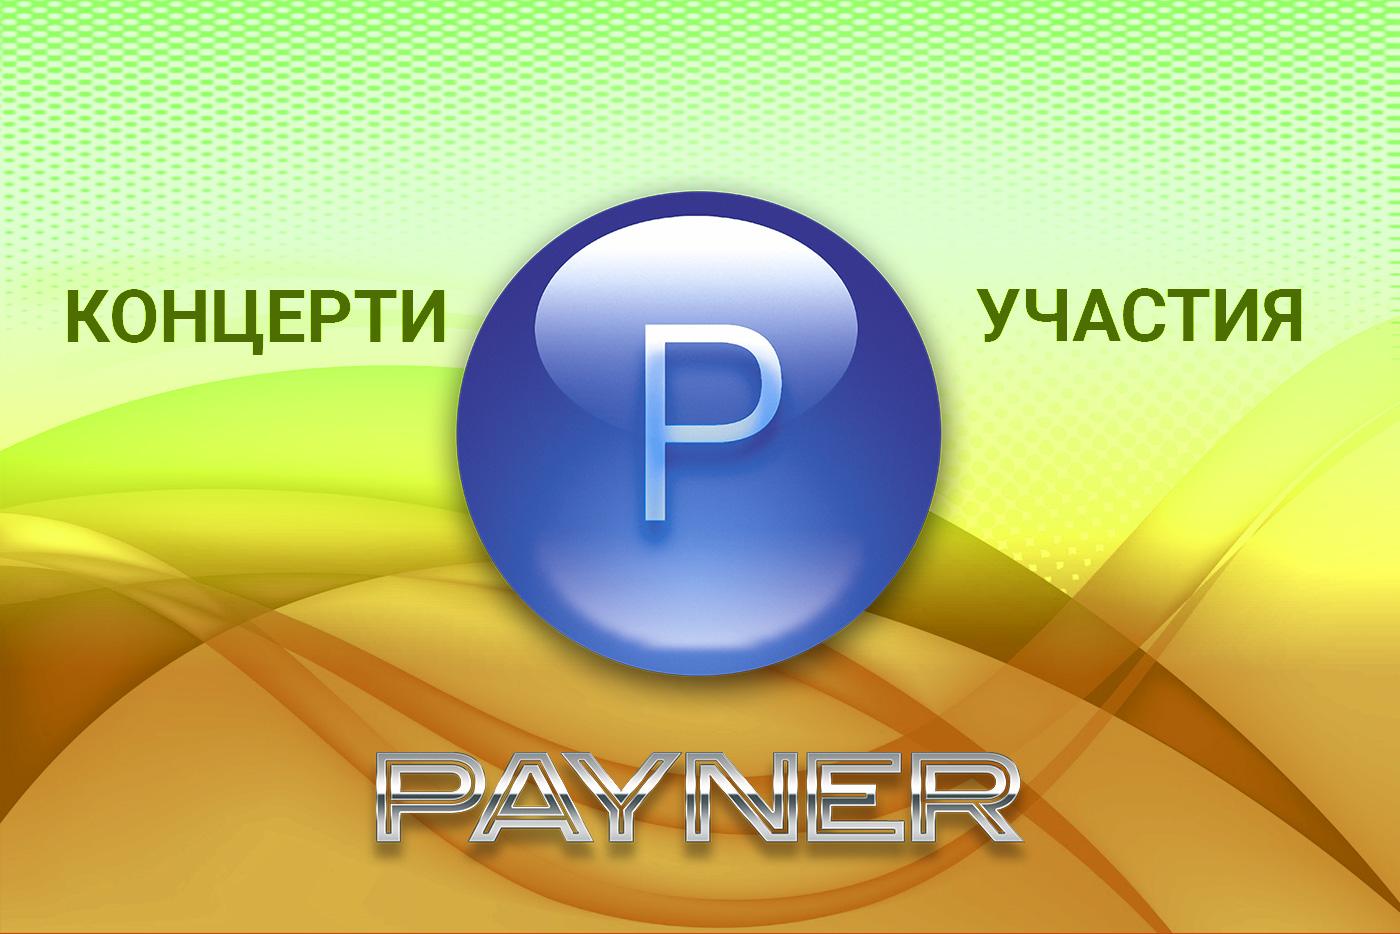 """Участия на звездите на """"Пайнер"""" на 13.10.2019"""